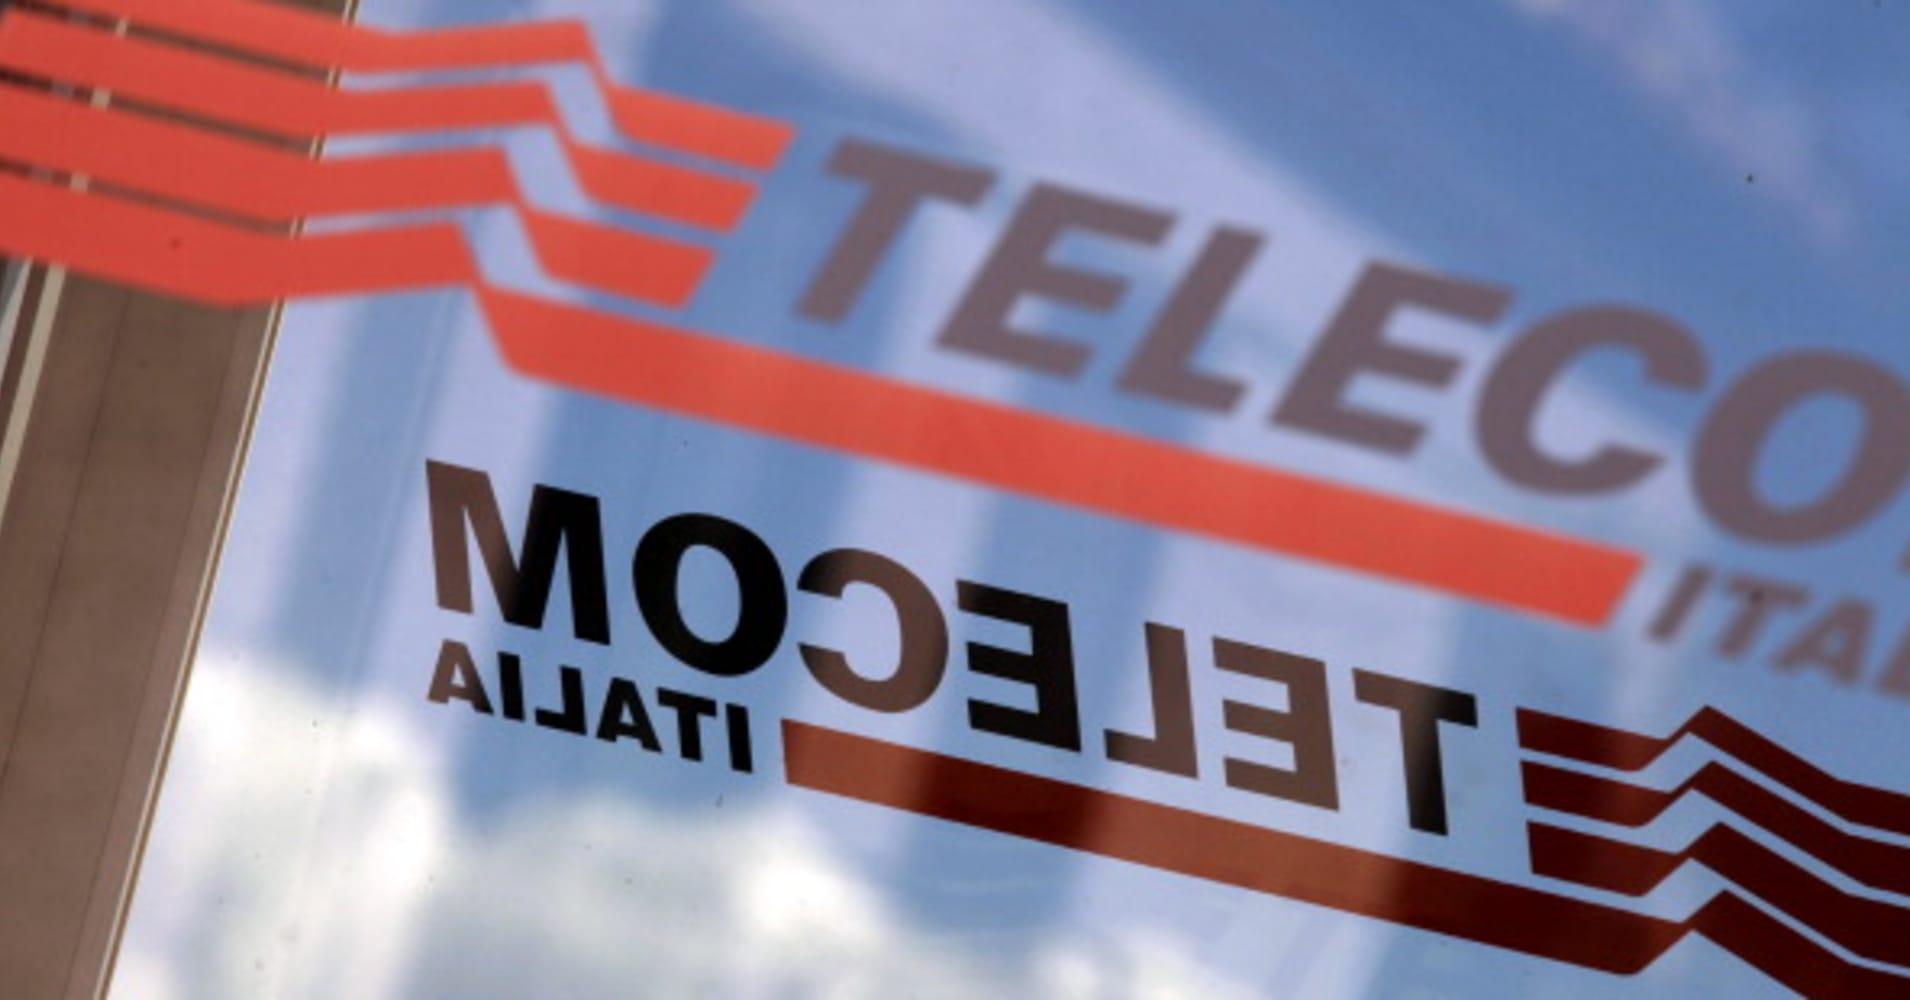 Telecom Italia reportedly strips CEO of executive powers